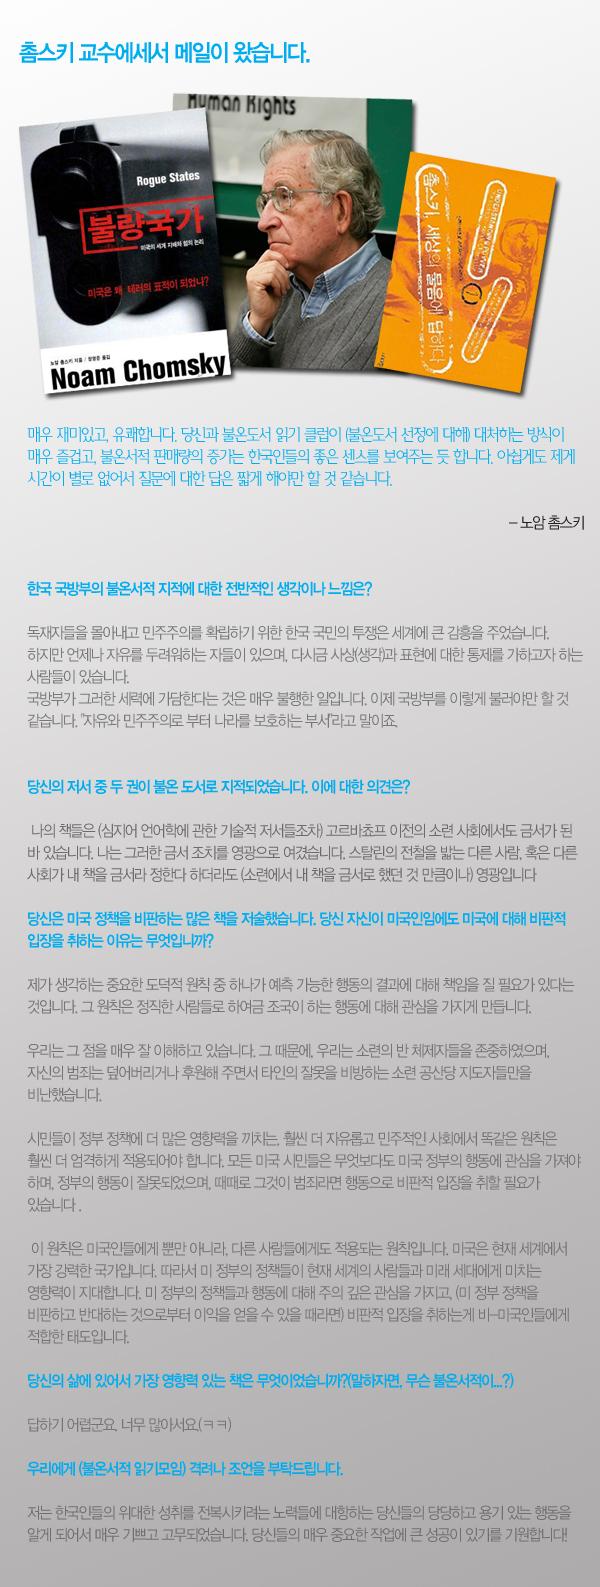 http://pds102.cafe.daum.net/image/4/cafe/2008/10/25/10/37/49027863b3a5c